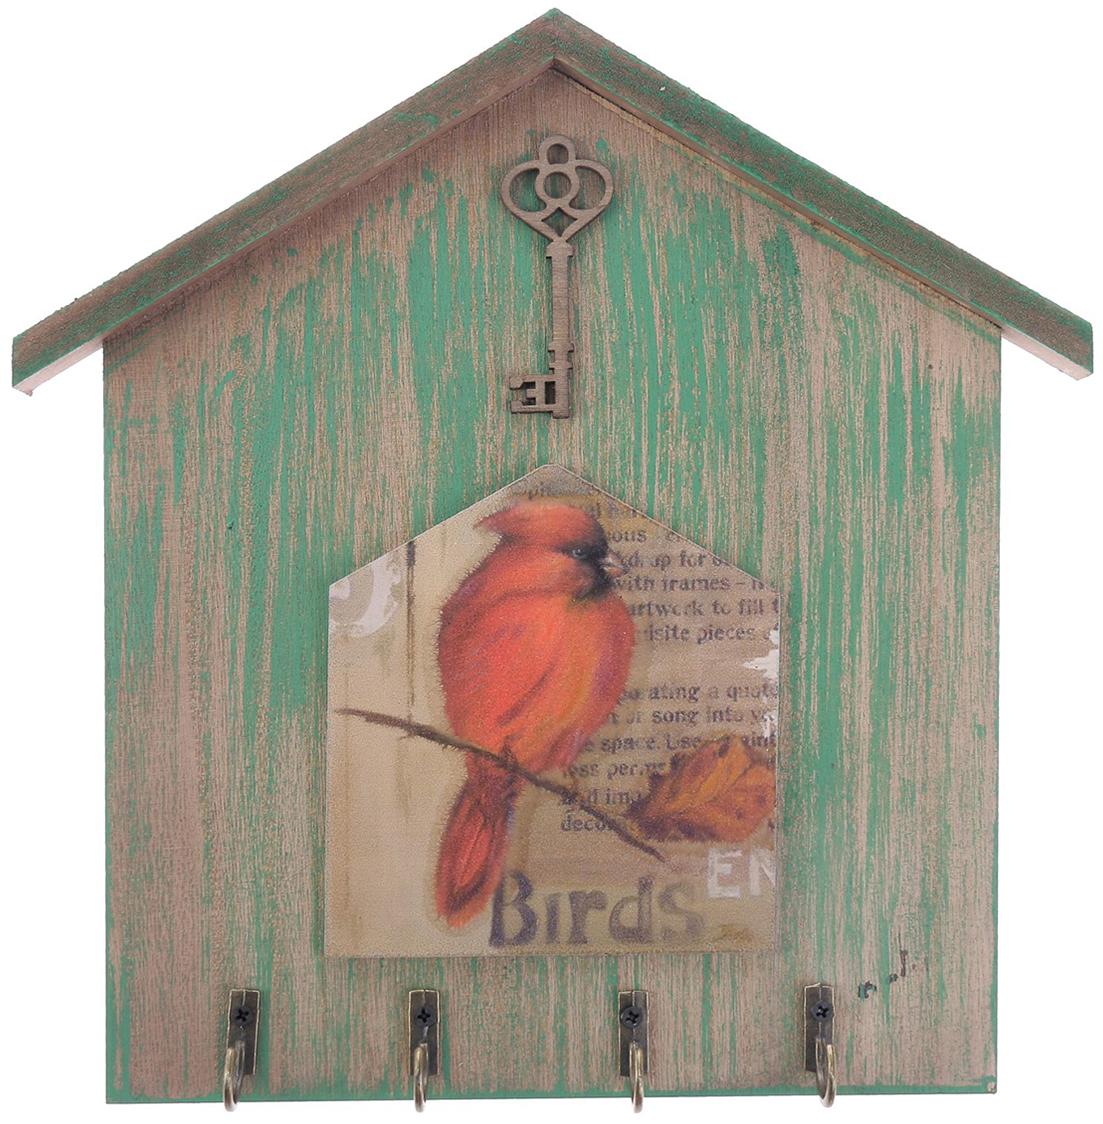 Крючки декоративные Птица - Красный кардинал, дерево, 24,3 х 24,5 х 2,5 см2541137Постоянно теряете ключи, когда куда-то торопитесь? Тогда этот товар — именно то, что вам нужно! Каковы его достоинства?Экономия времени на поиск ключей, ведь вам больше не придётся их терять.Комфортное хранение ещё и других важных мелочей, которые любят пропадать.Порядок и сохранность ваших вещей.Это незаменимый помощник и стильный предмет декора прихожей.Ключница — полезная вещь, которая позволяет поддерживать порядок в доме.